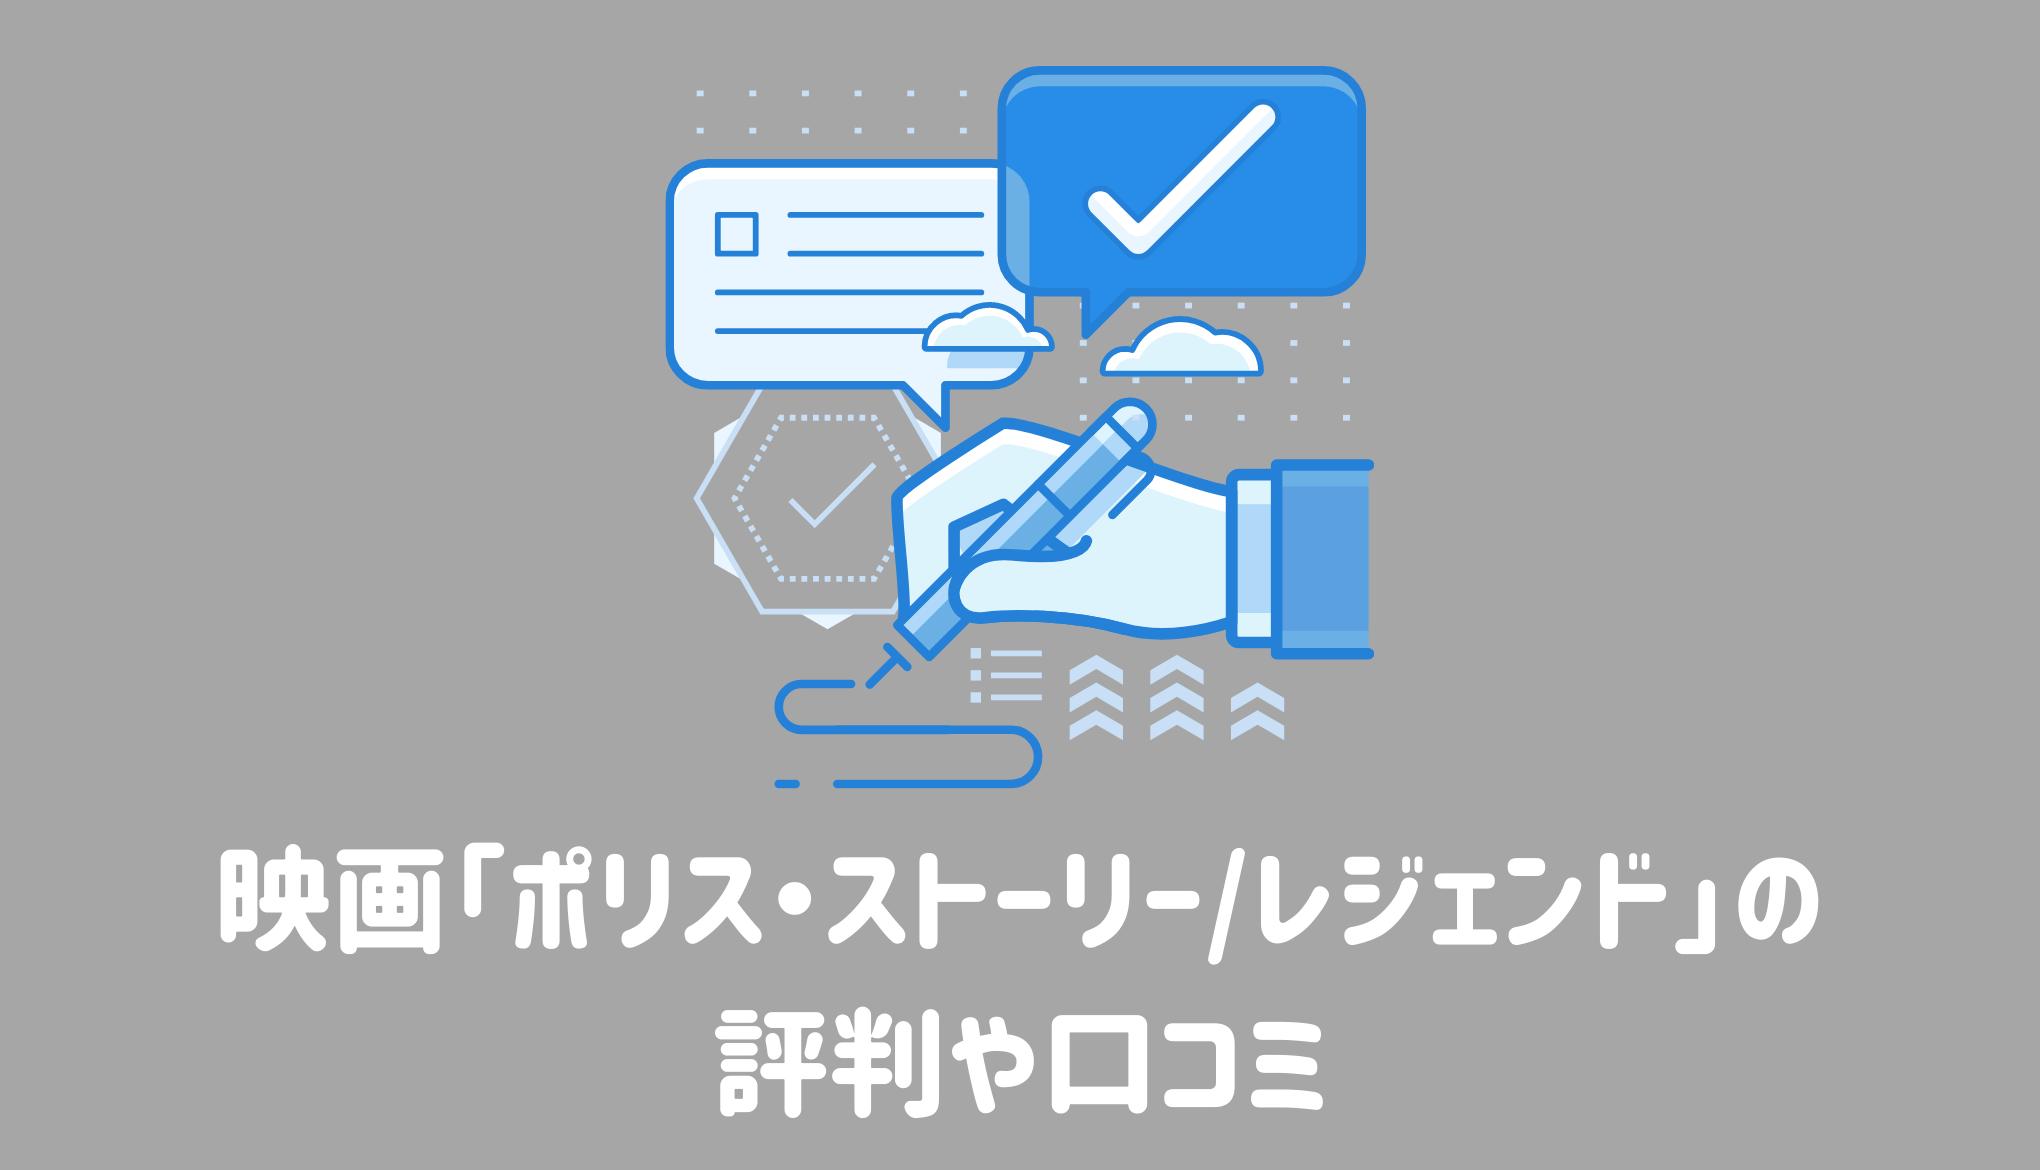 映画「ポリス・ストーリー/レジェンド」の評判や口コミ